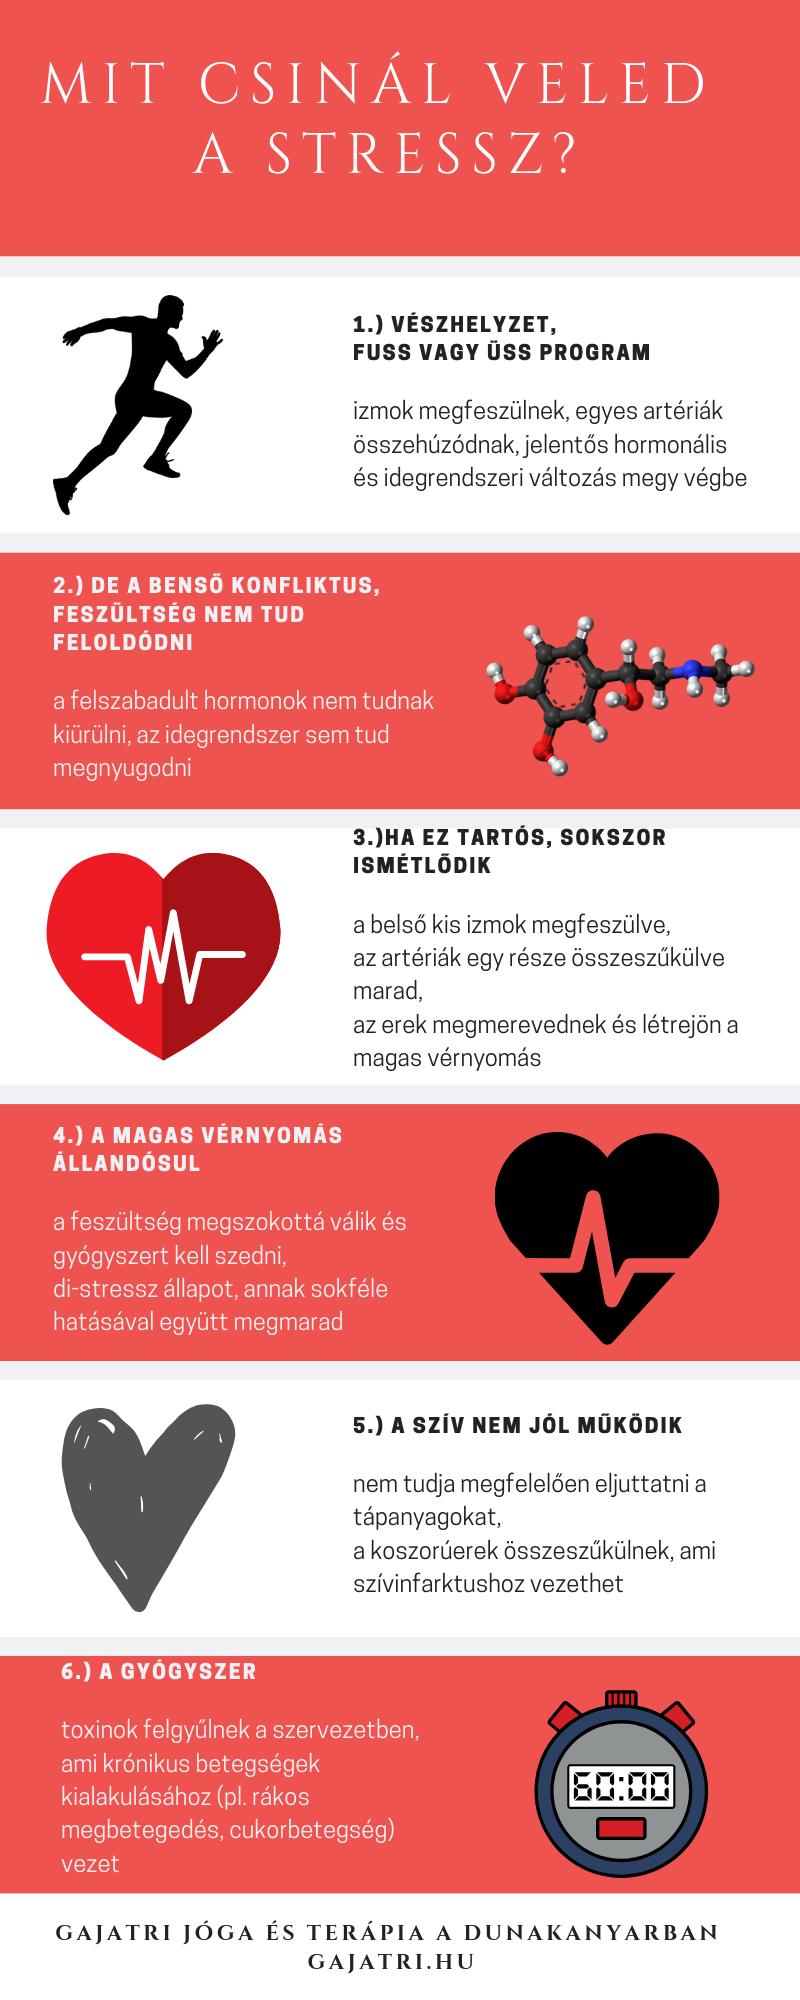 aforizma a magas vérnyomásról